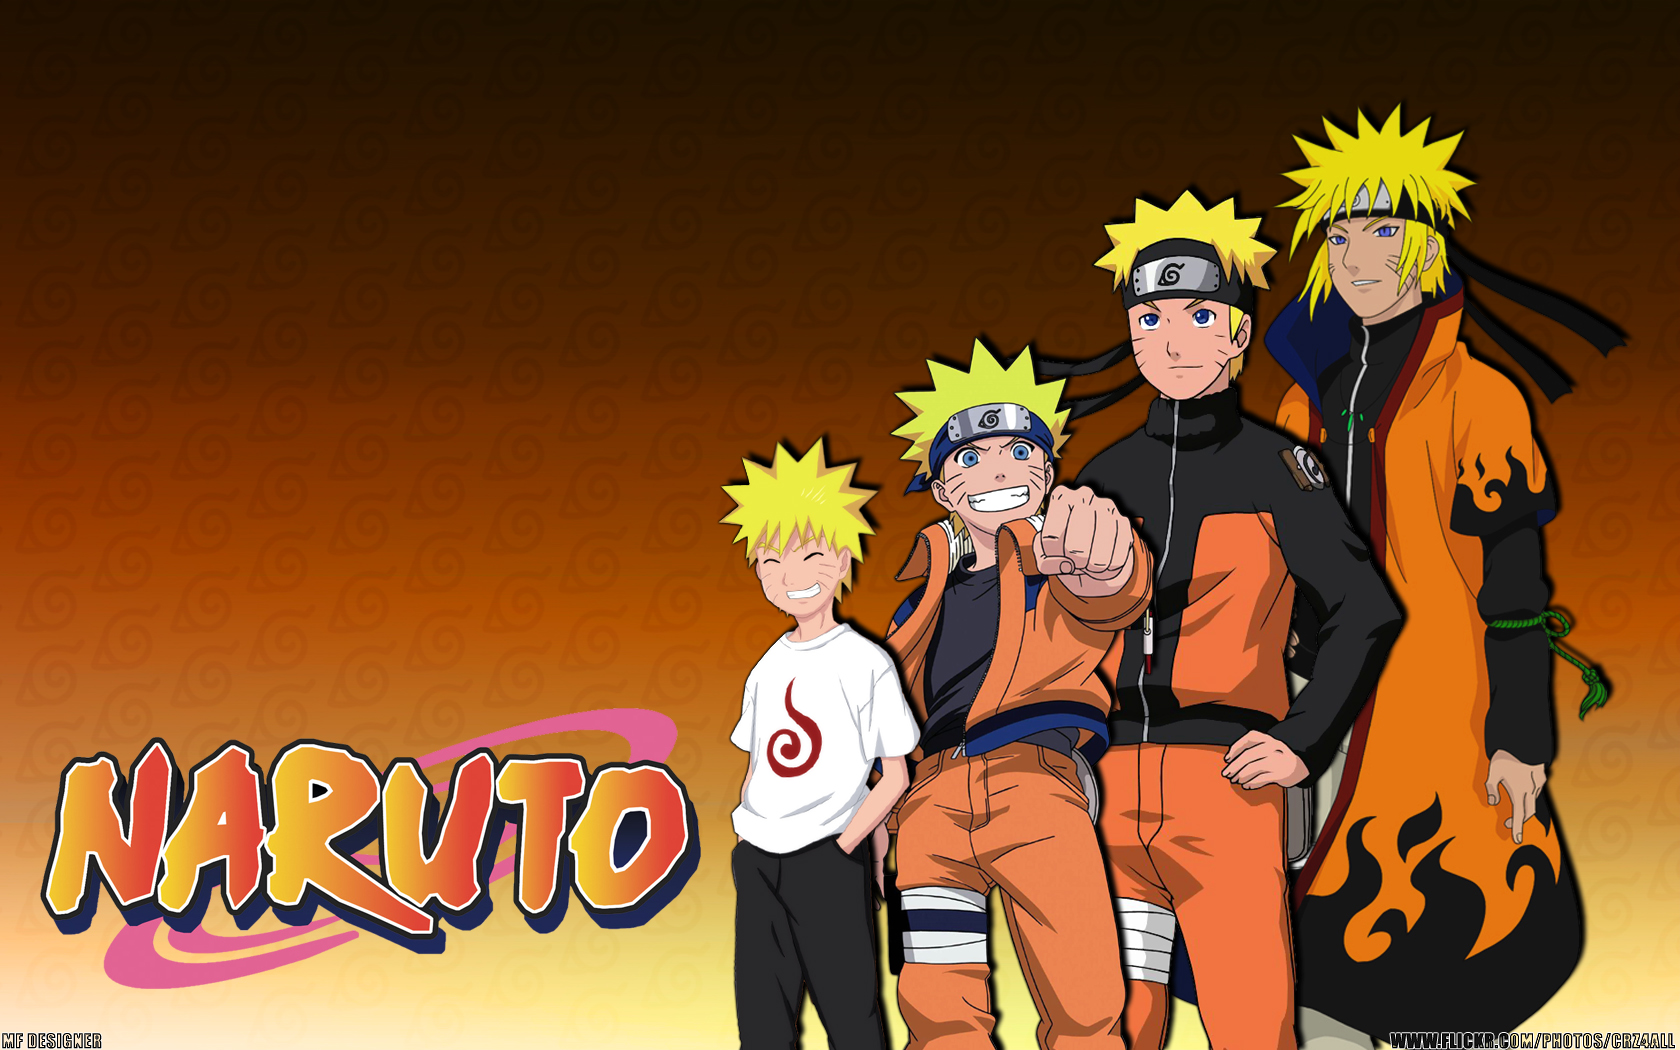 Naruto Shippuden Wallpaper 1680x1050 Naruto Shippuden Yondaime 1680x1050